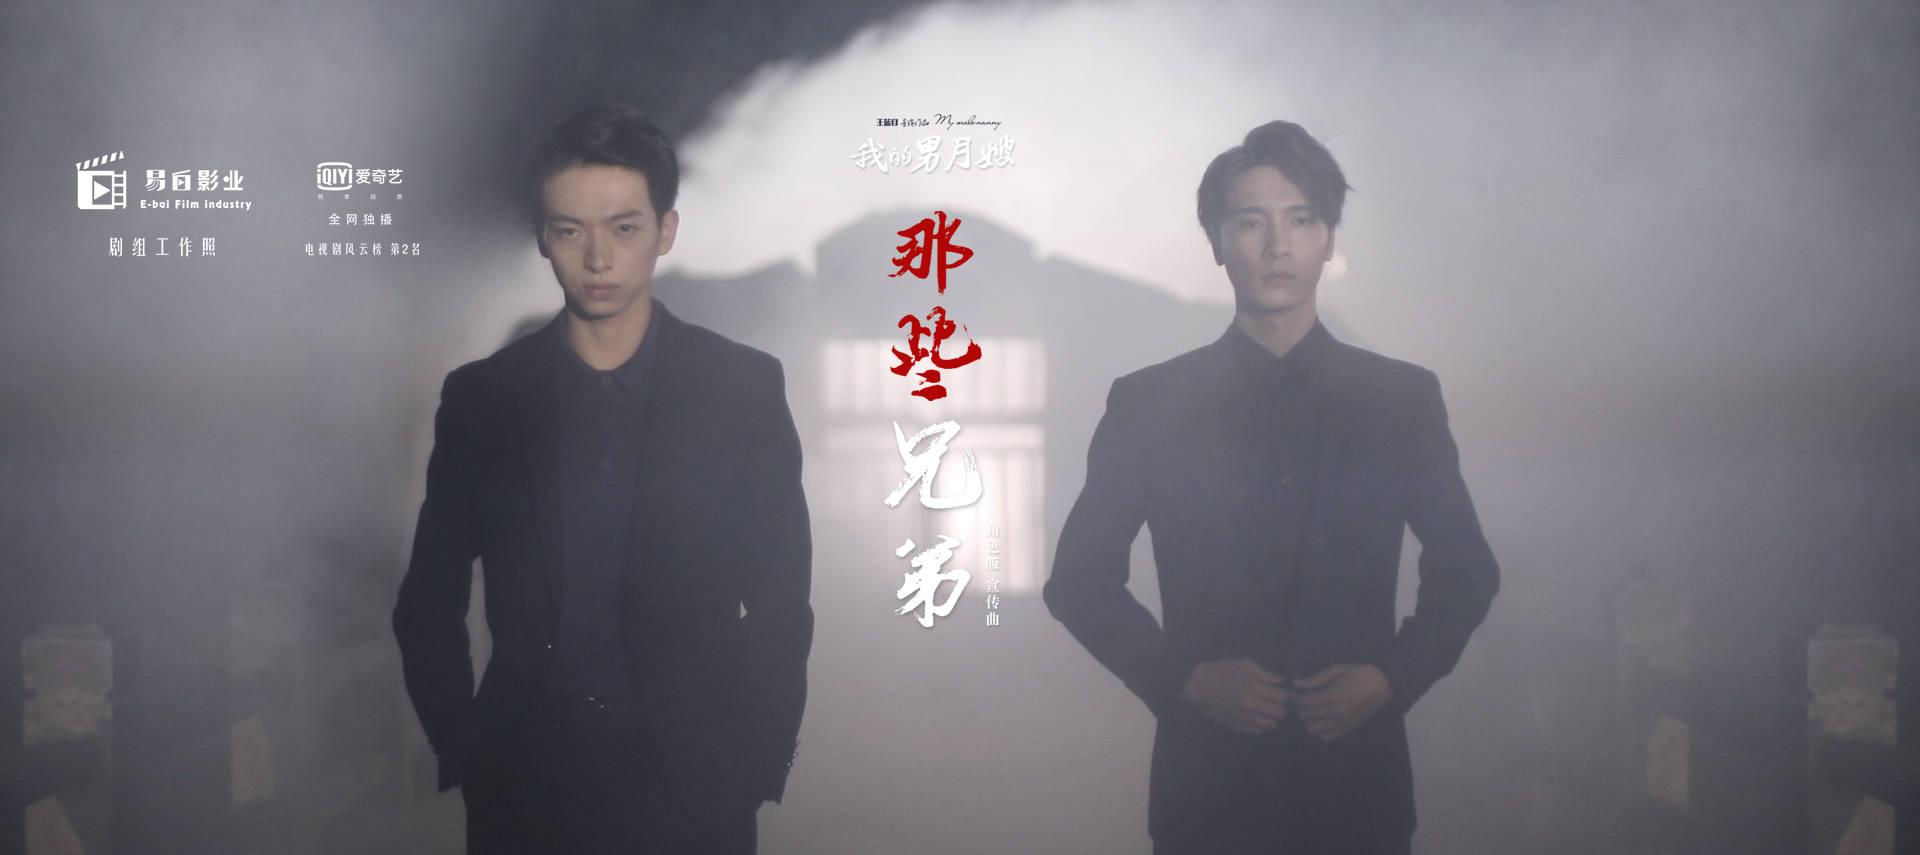 易白影业 深圳录音棚:网剧《我的男月嫂》宣传曲《那些兄弟》角色版